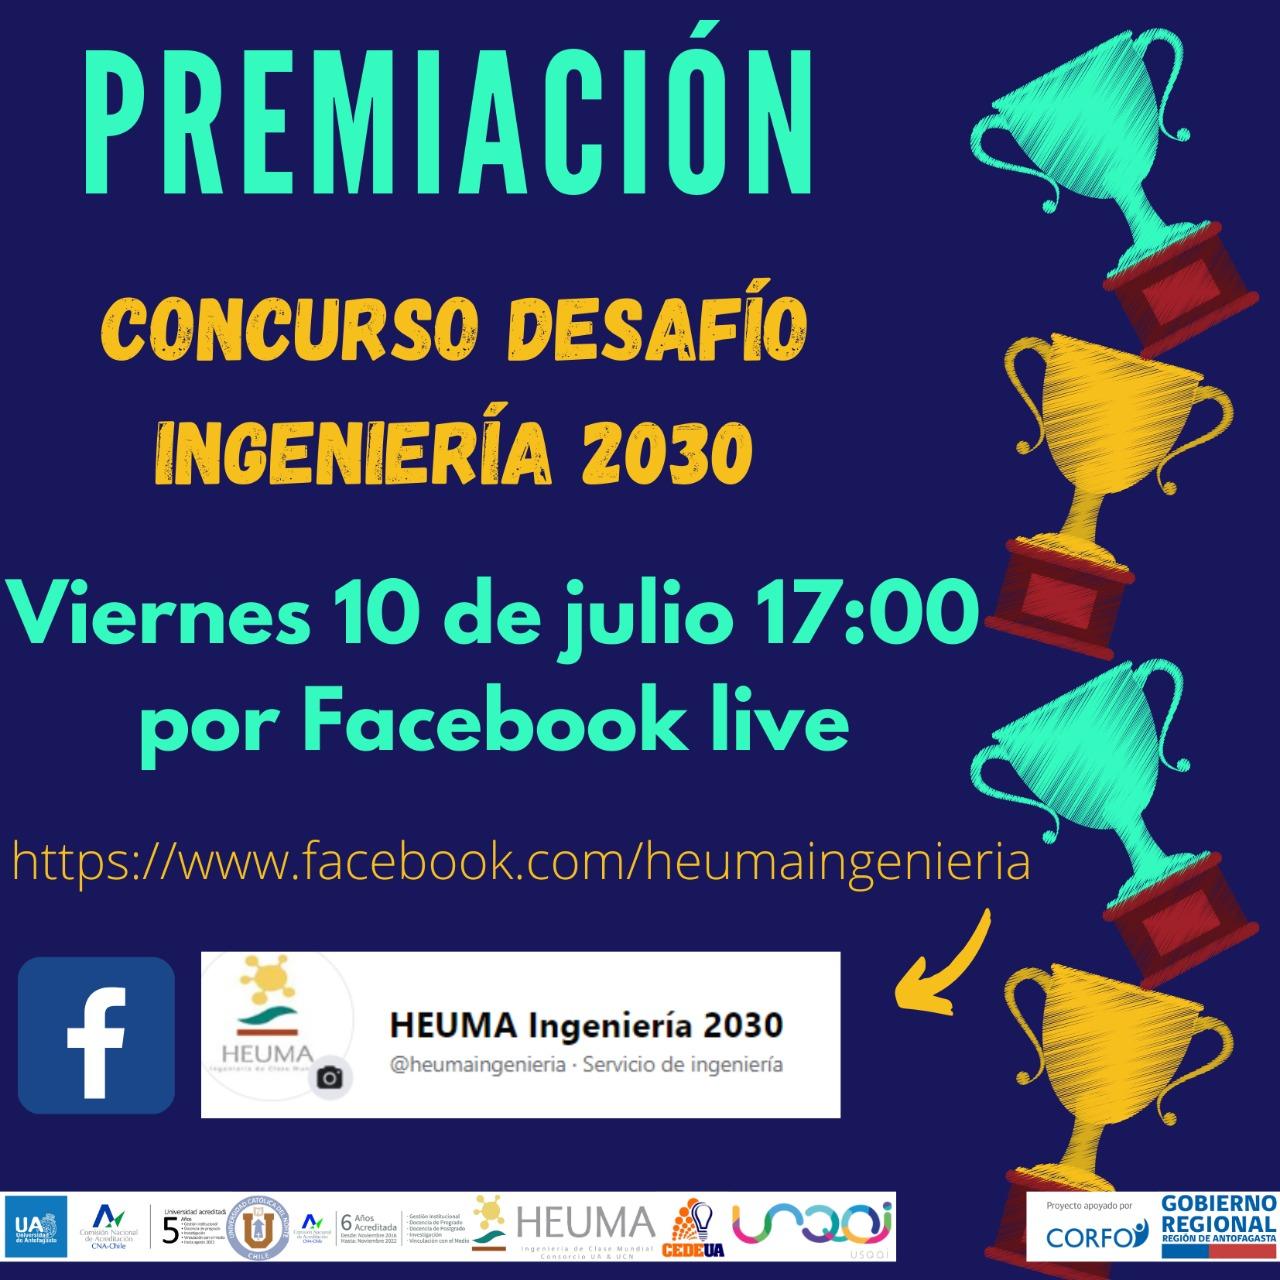 Premiación Concurso Desafío Ingeniería 2030